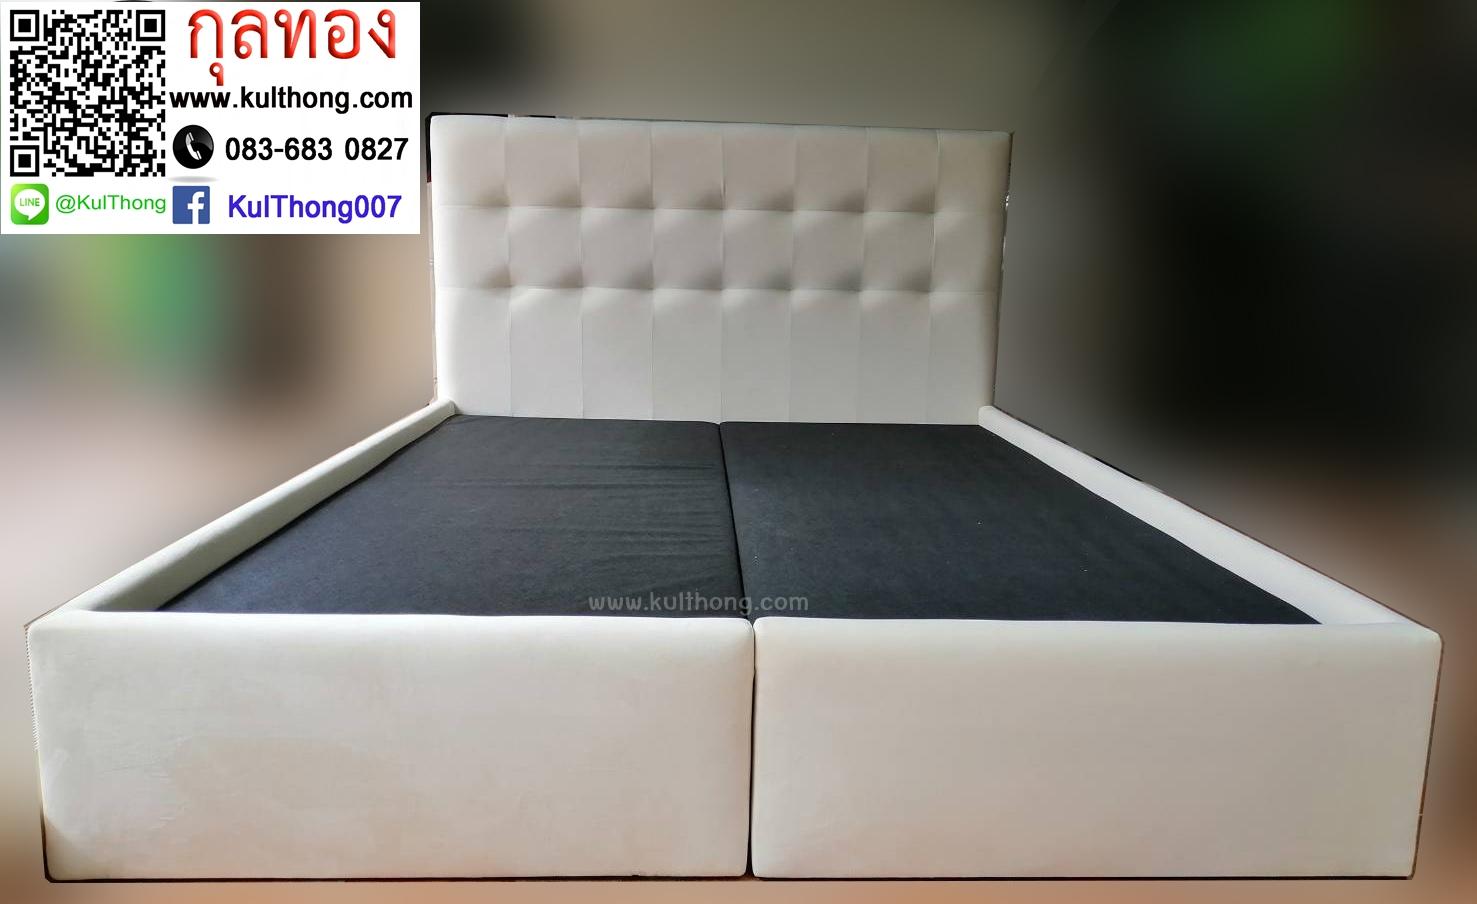 เตียงดีไซน์มีหัวเตียง เตียงคอนโด ฐานรองที่นอน เตียง5ฟุต